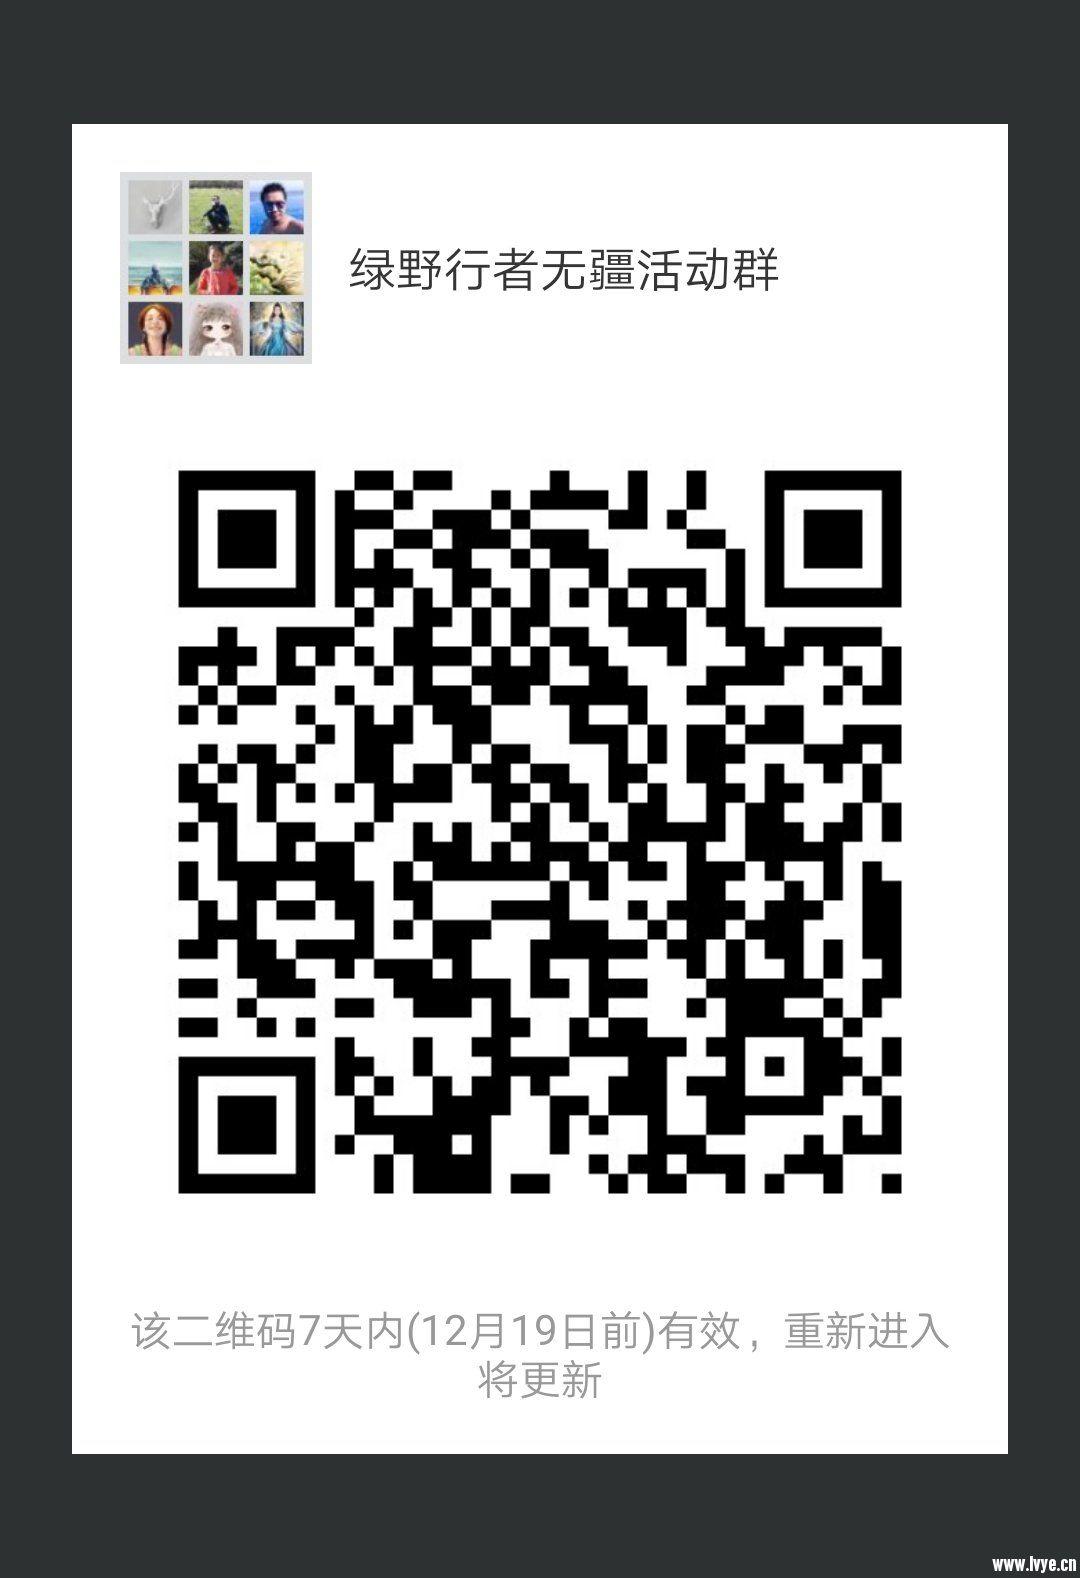 微信图片_20171212094327.jpg